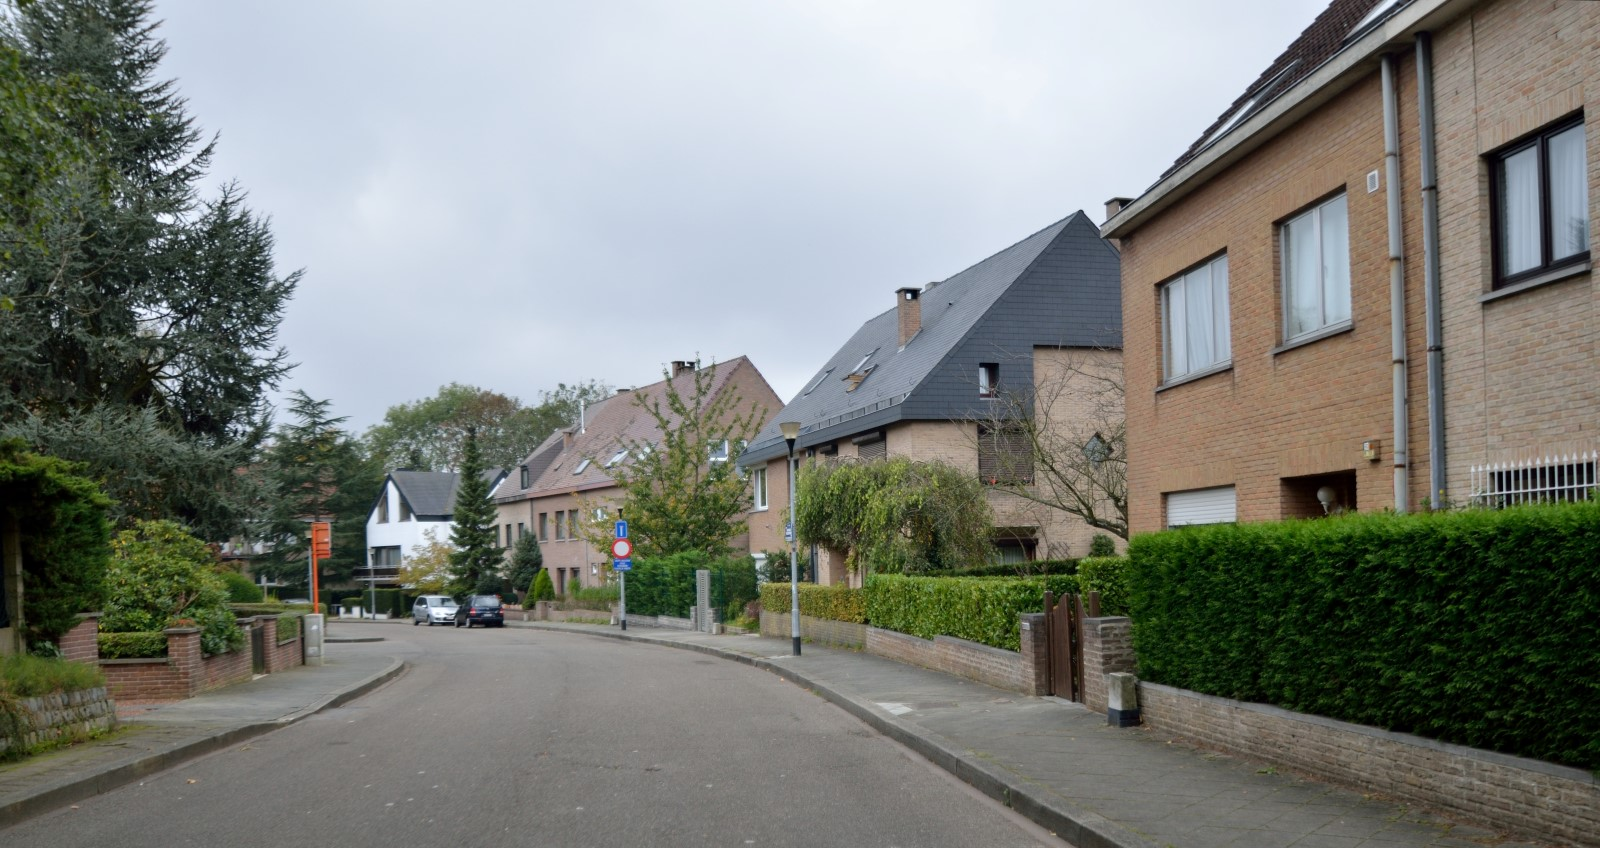 Ridderzwammengaarde, algemeen zicht, 2014